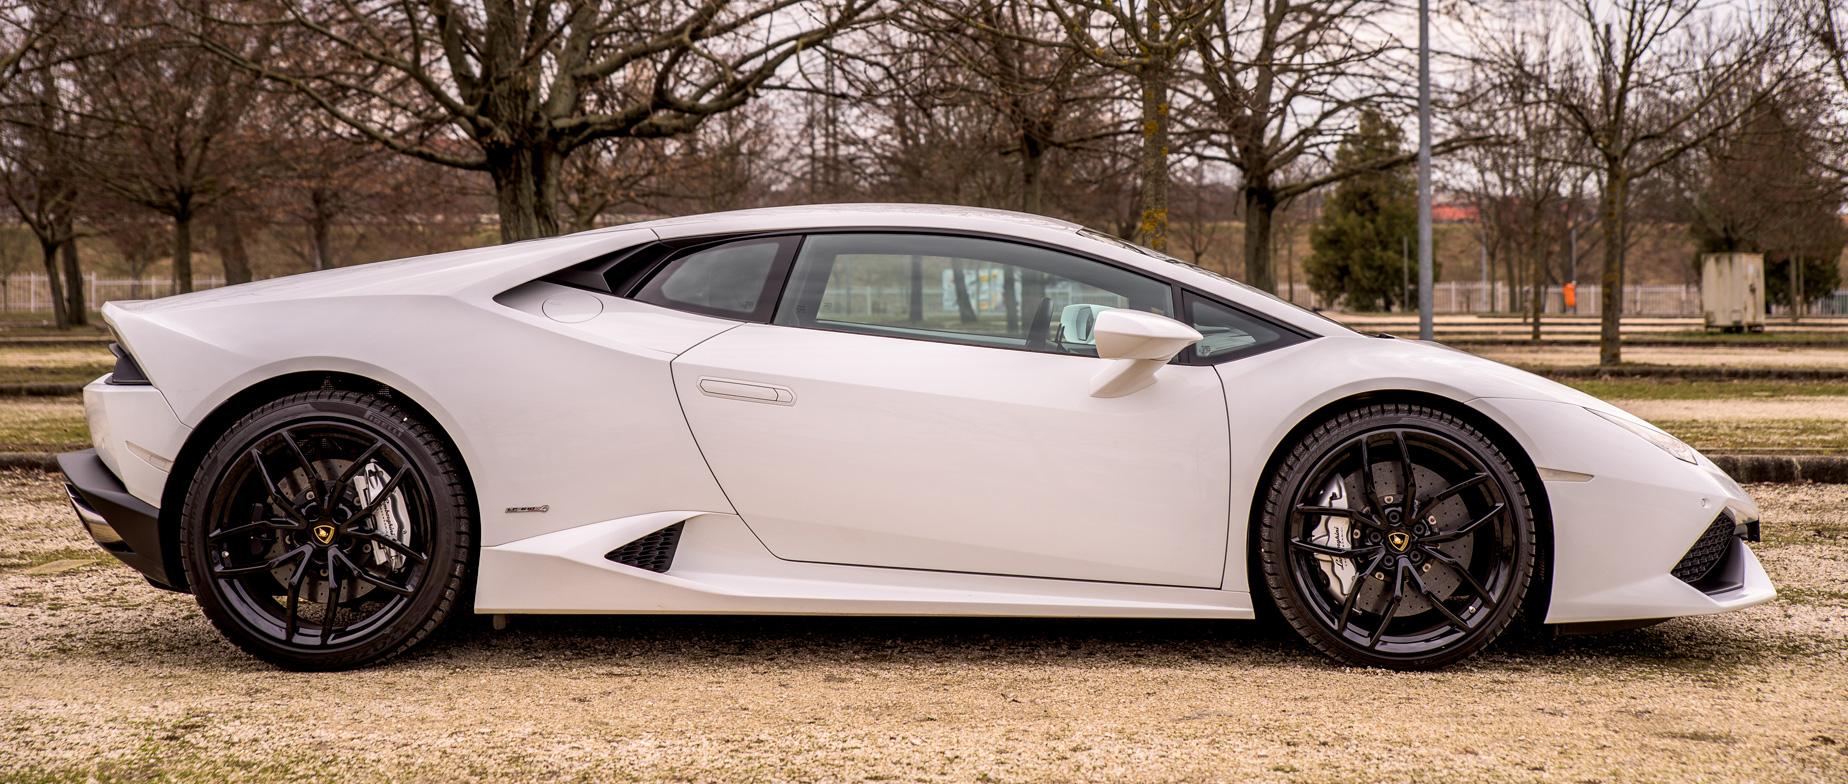 Lamborghini Huracan LP610-4 élményvezetés